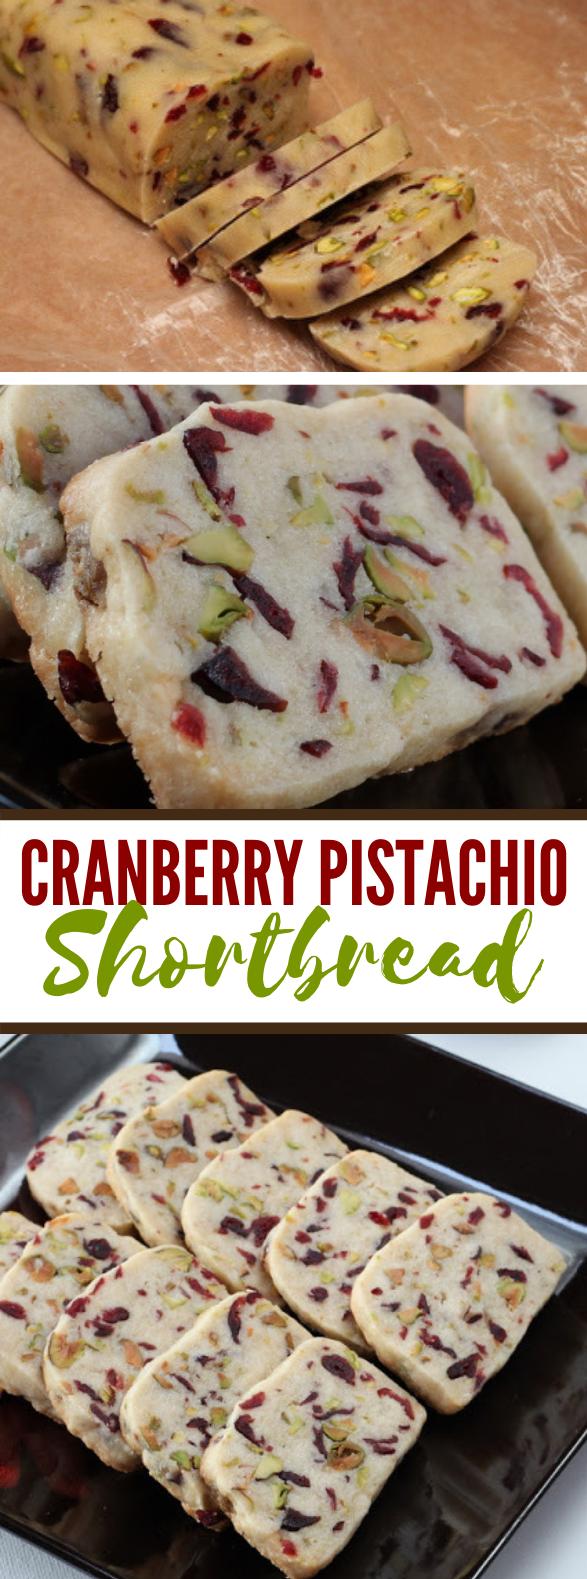 Cranberry Pistachio Shortbread #desserts #christmas